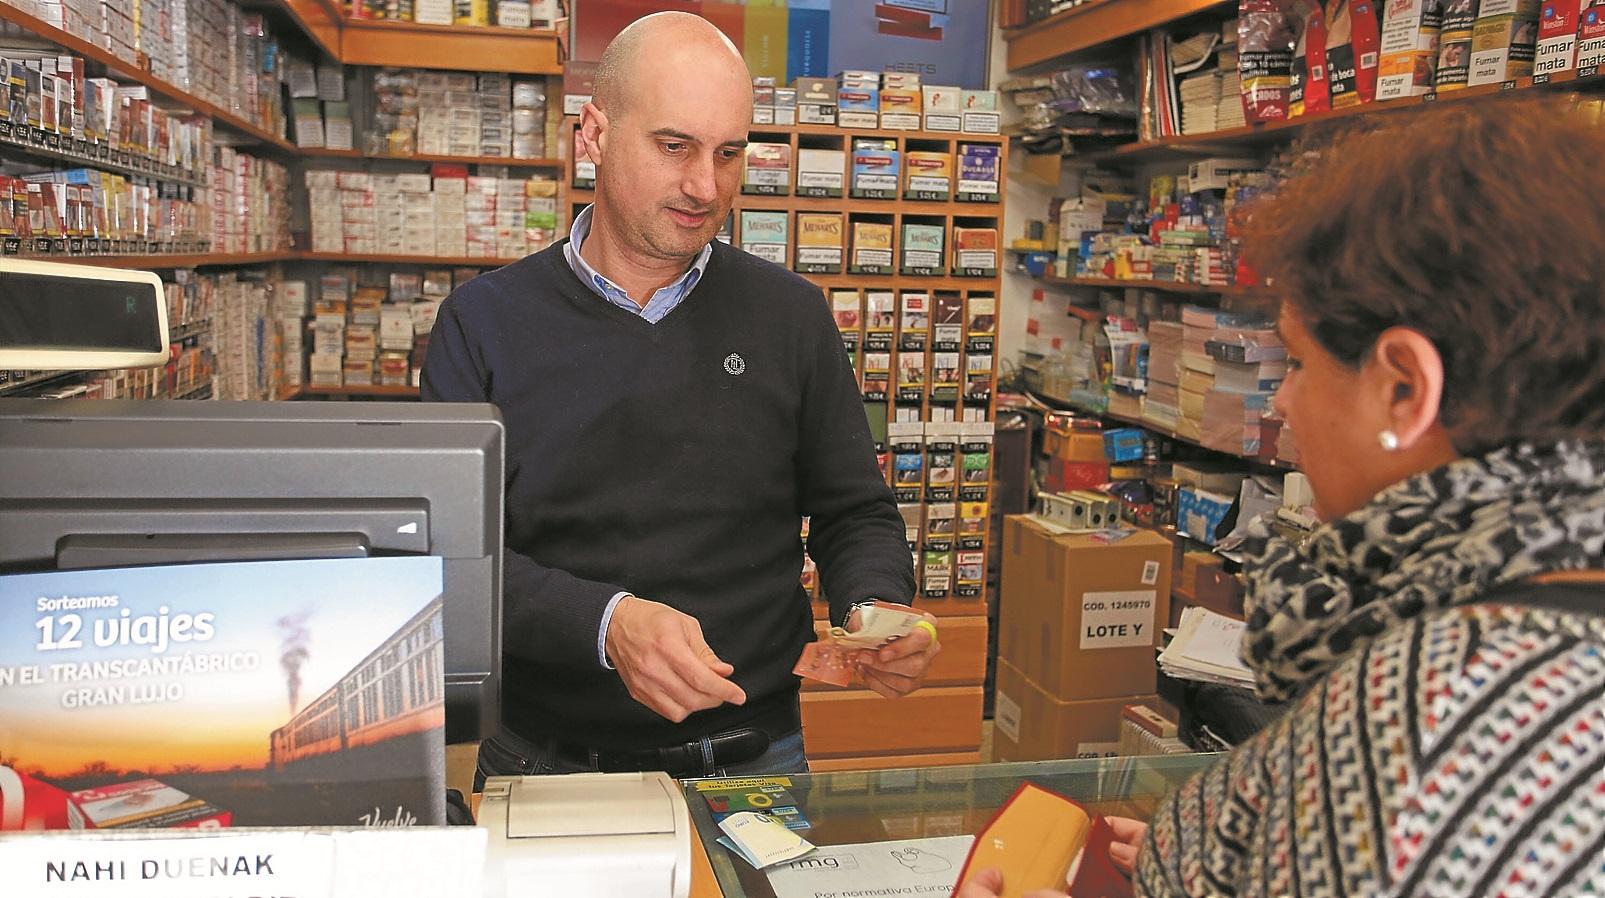 La venta de tabaco en Gipuzkoa repunta después de doce años seguidos a la baja